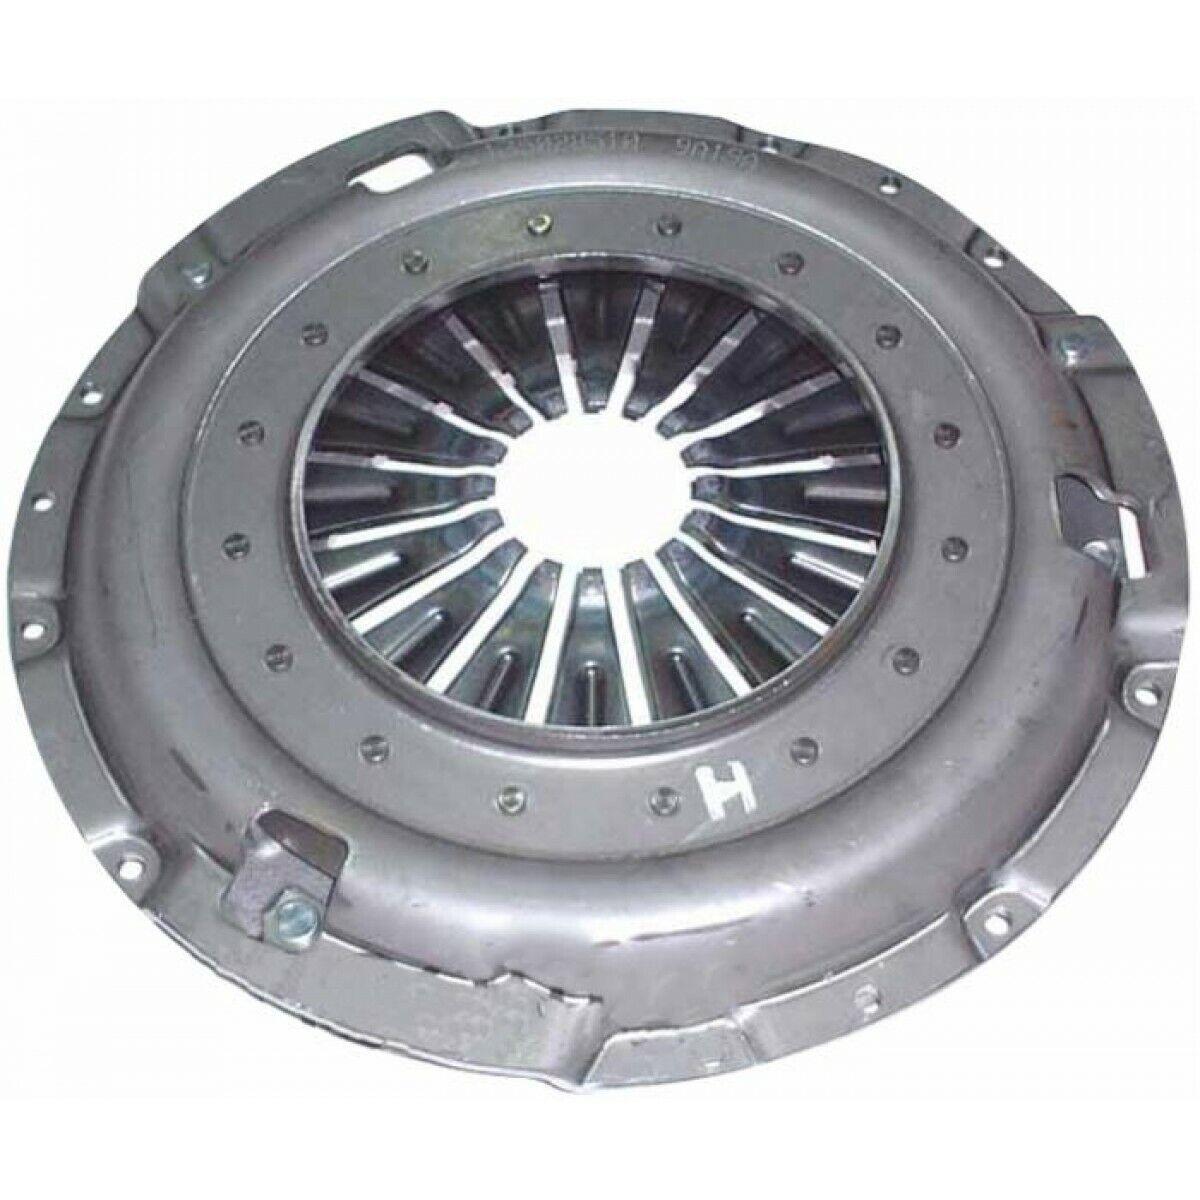 Mecanismo Original Luk Rif. 135028510